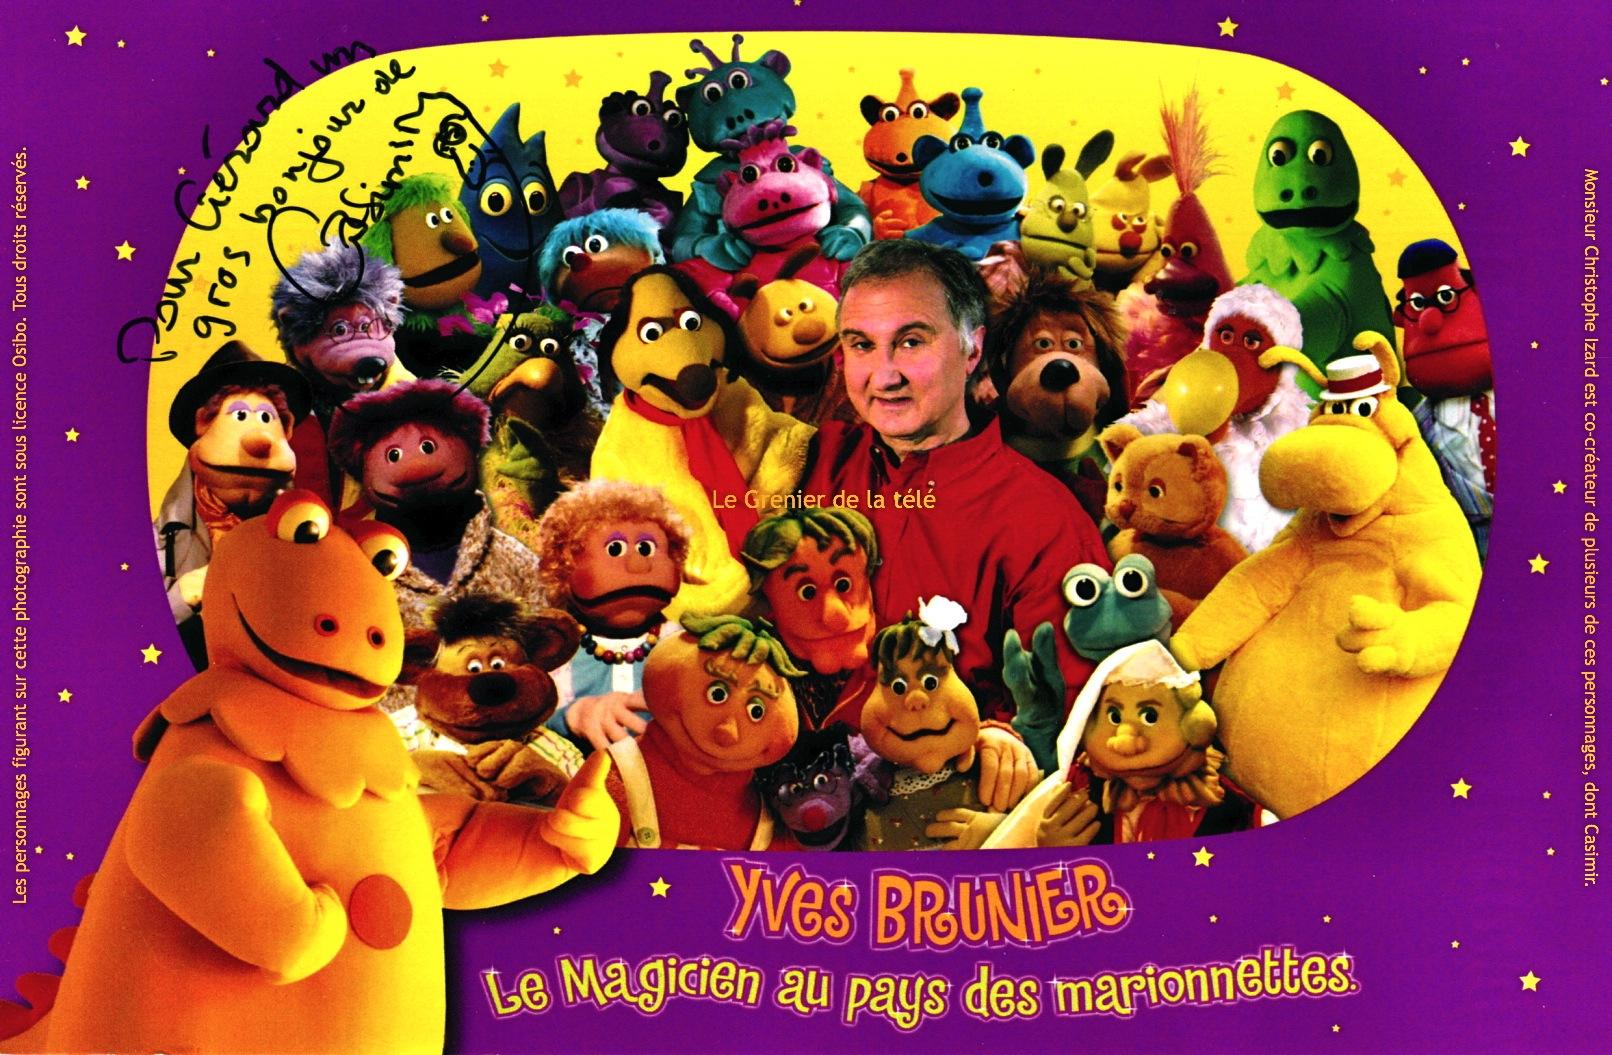 http://grenierdelatv.free.fr/casimiryvesbrunier.jpg